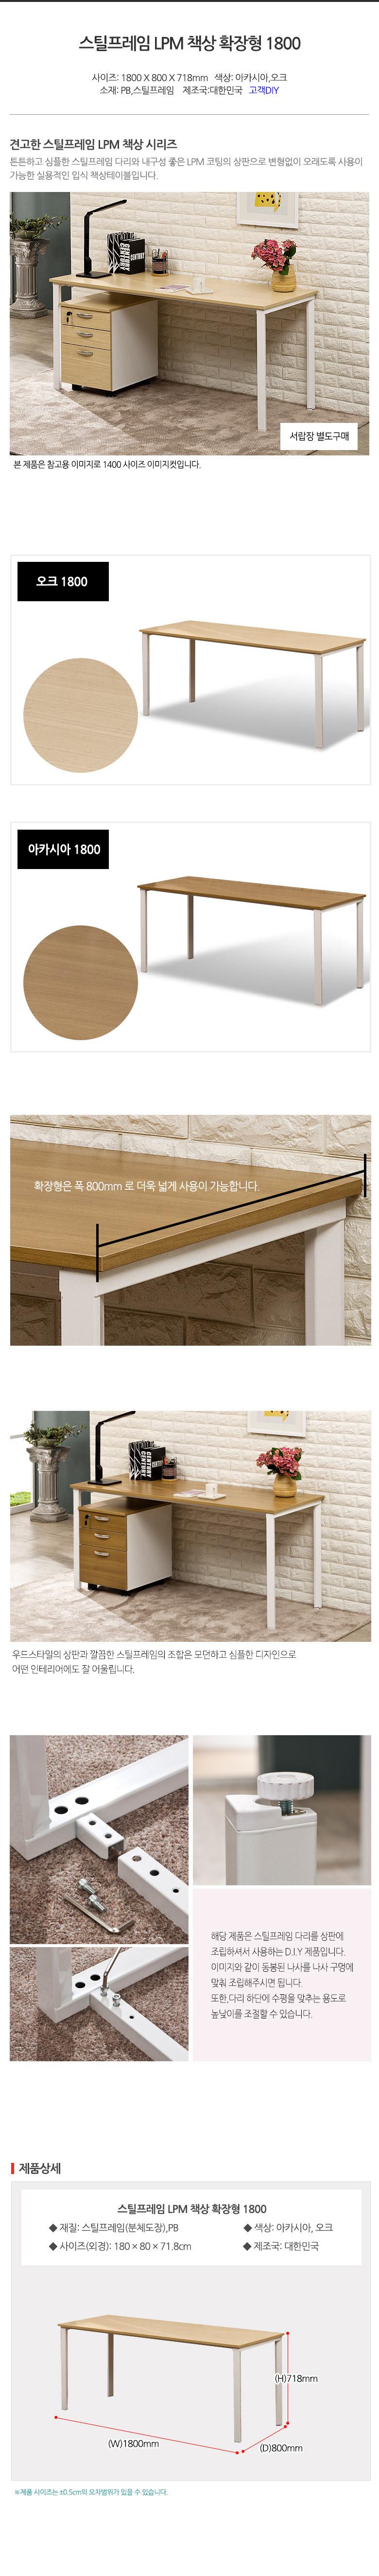 스틸프레임 LPM 책상 확장형 1800x800 - 포메리트, 269,000원, 책상/의자, 일반 책상